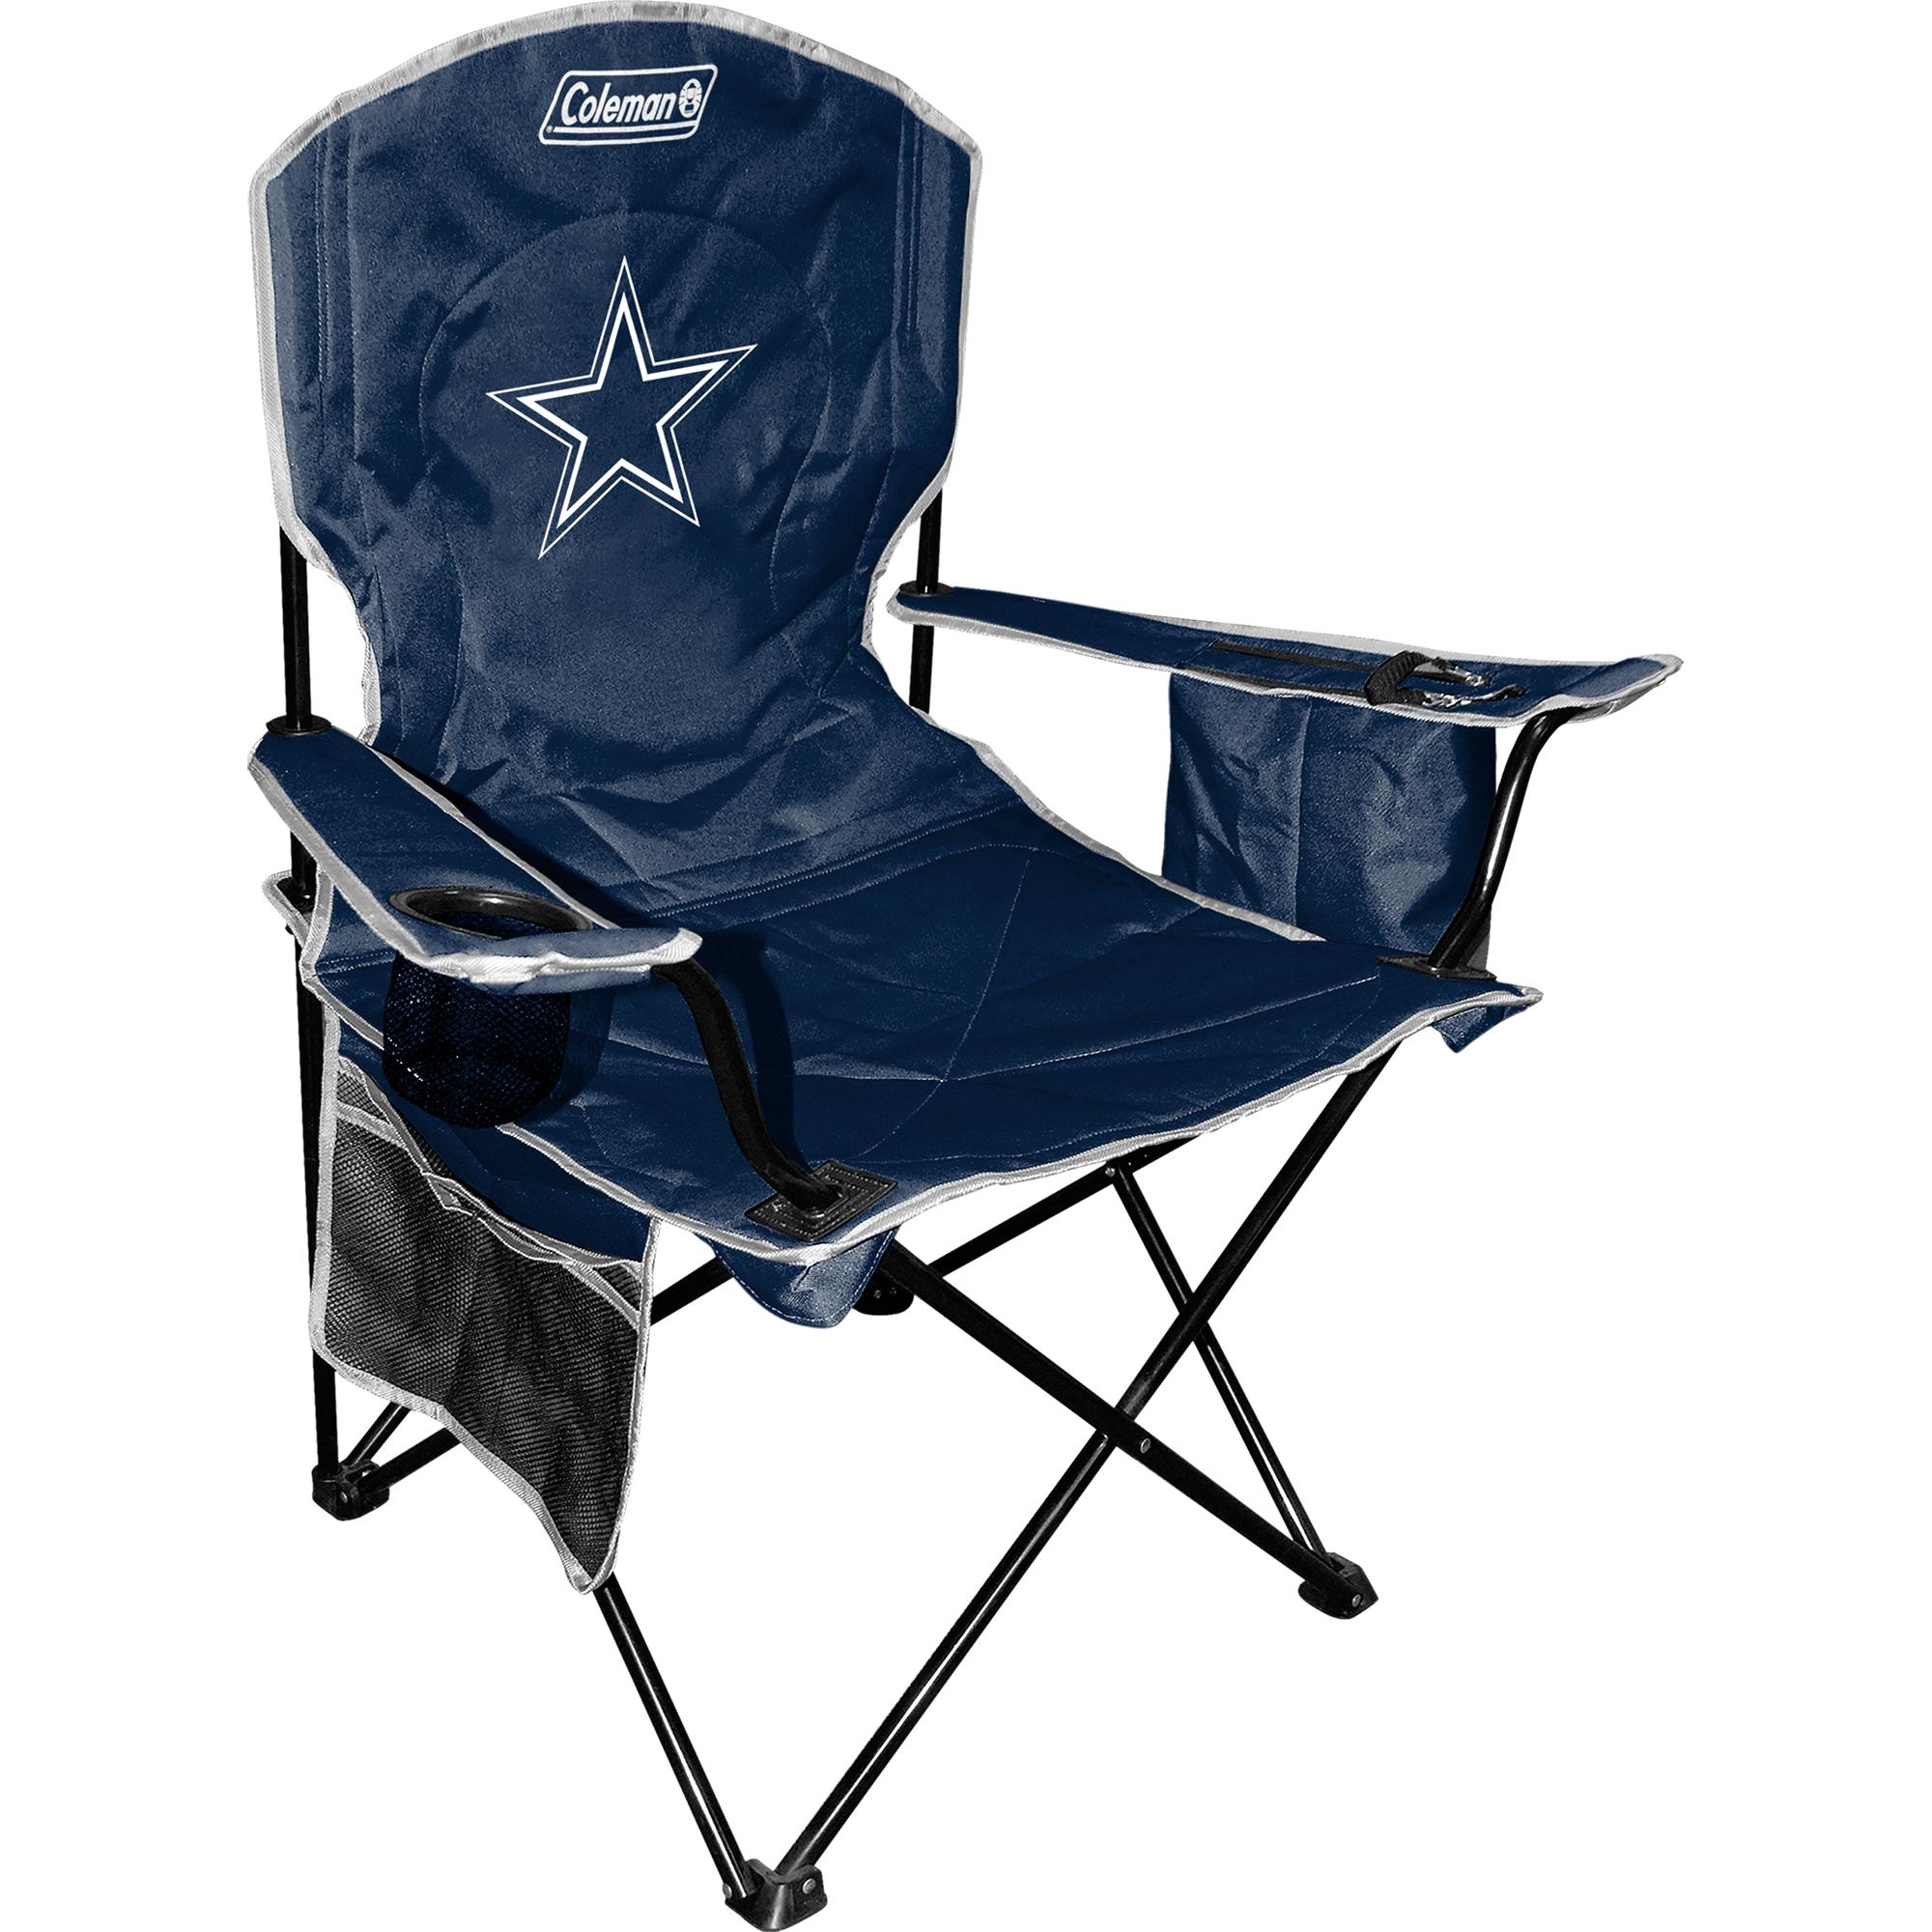 Dallas Cowboys Coleman Cooler Quad Chair - Navy - No Size